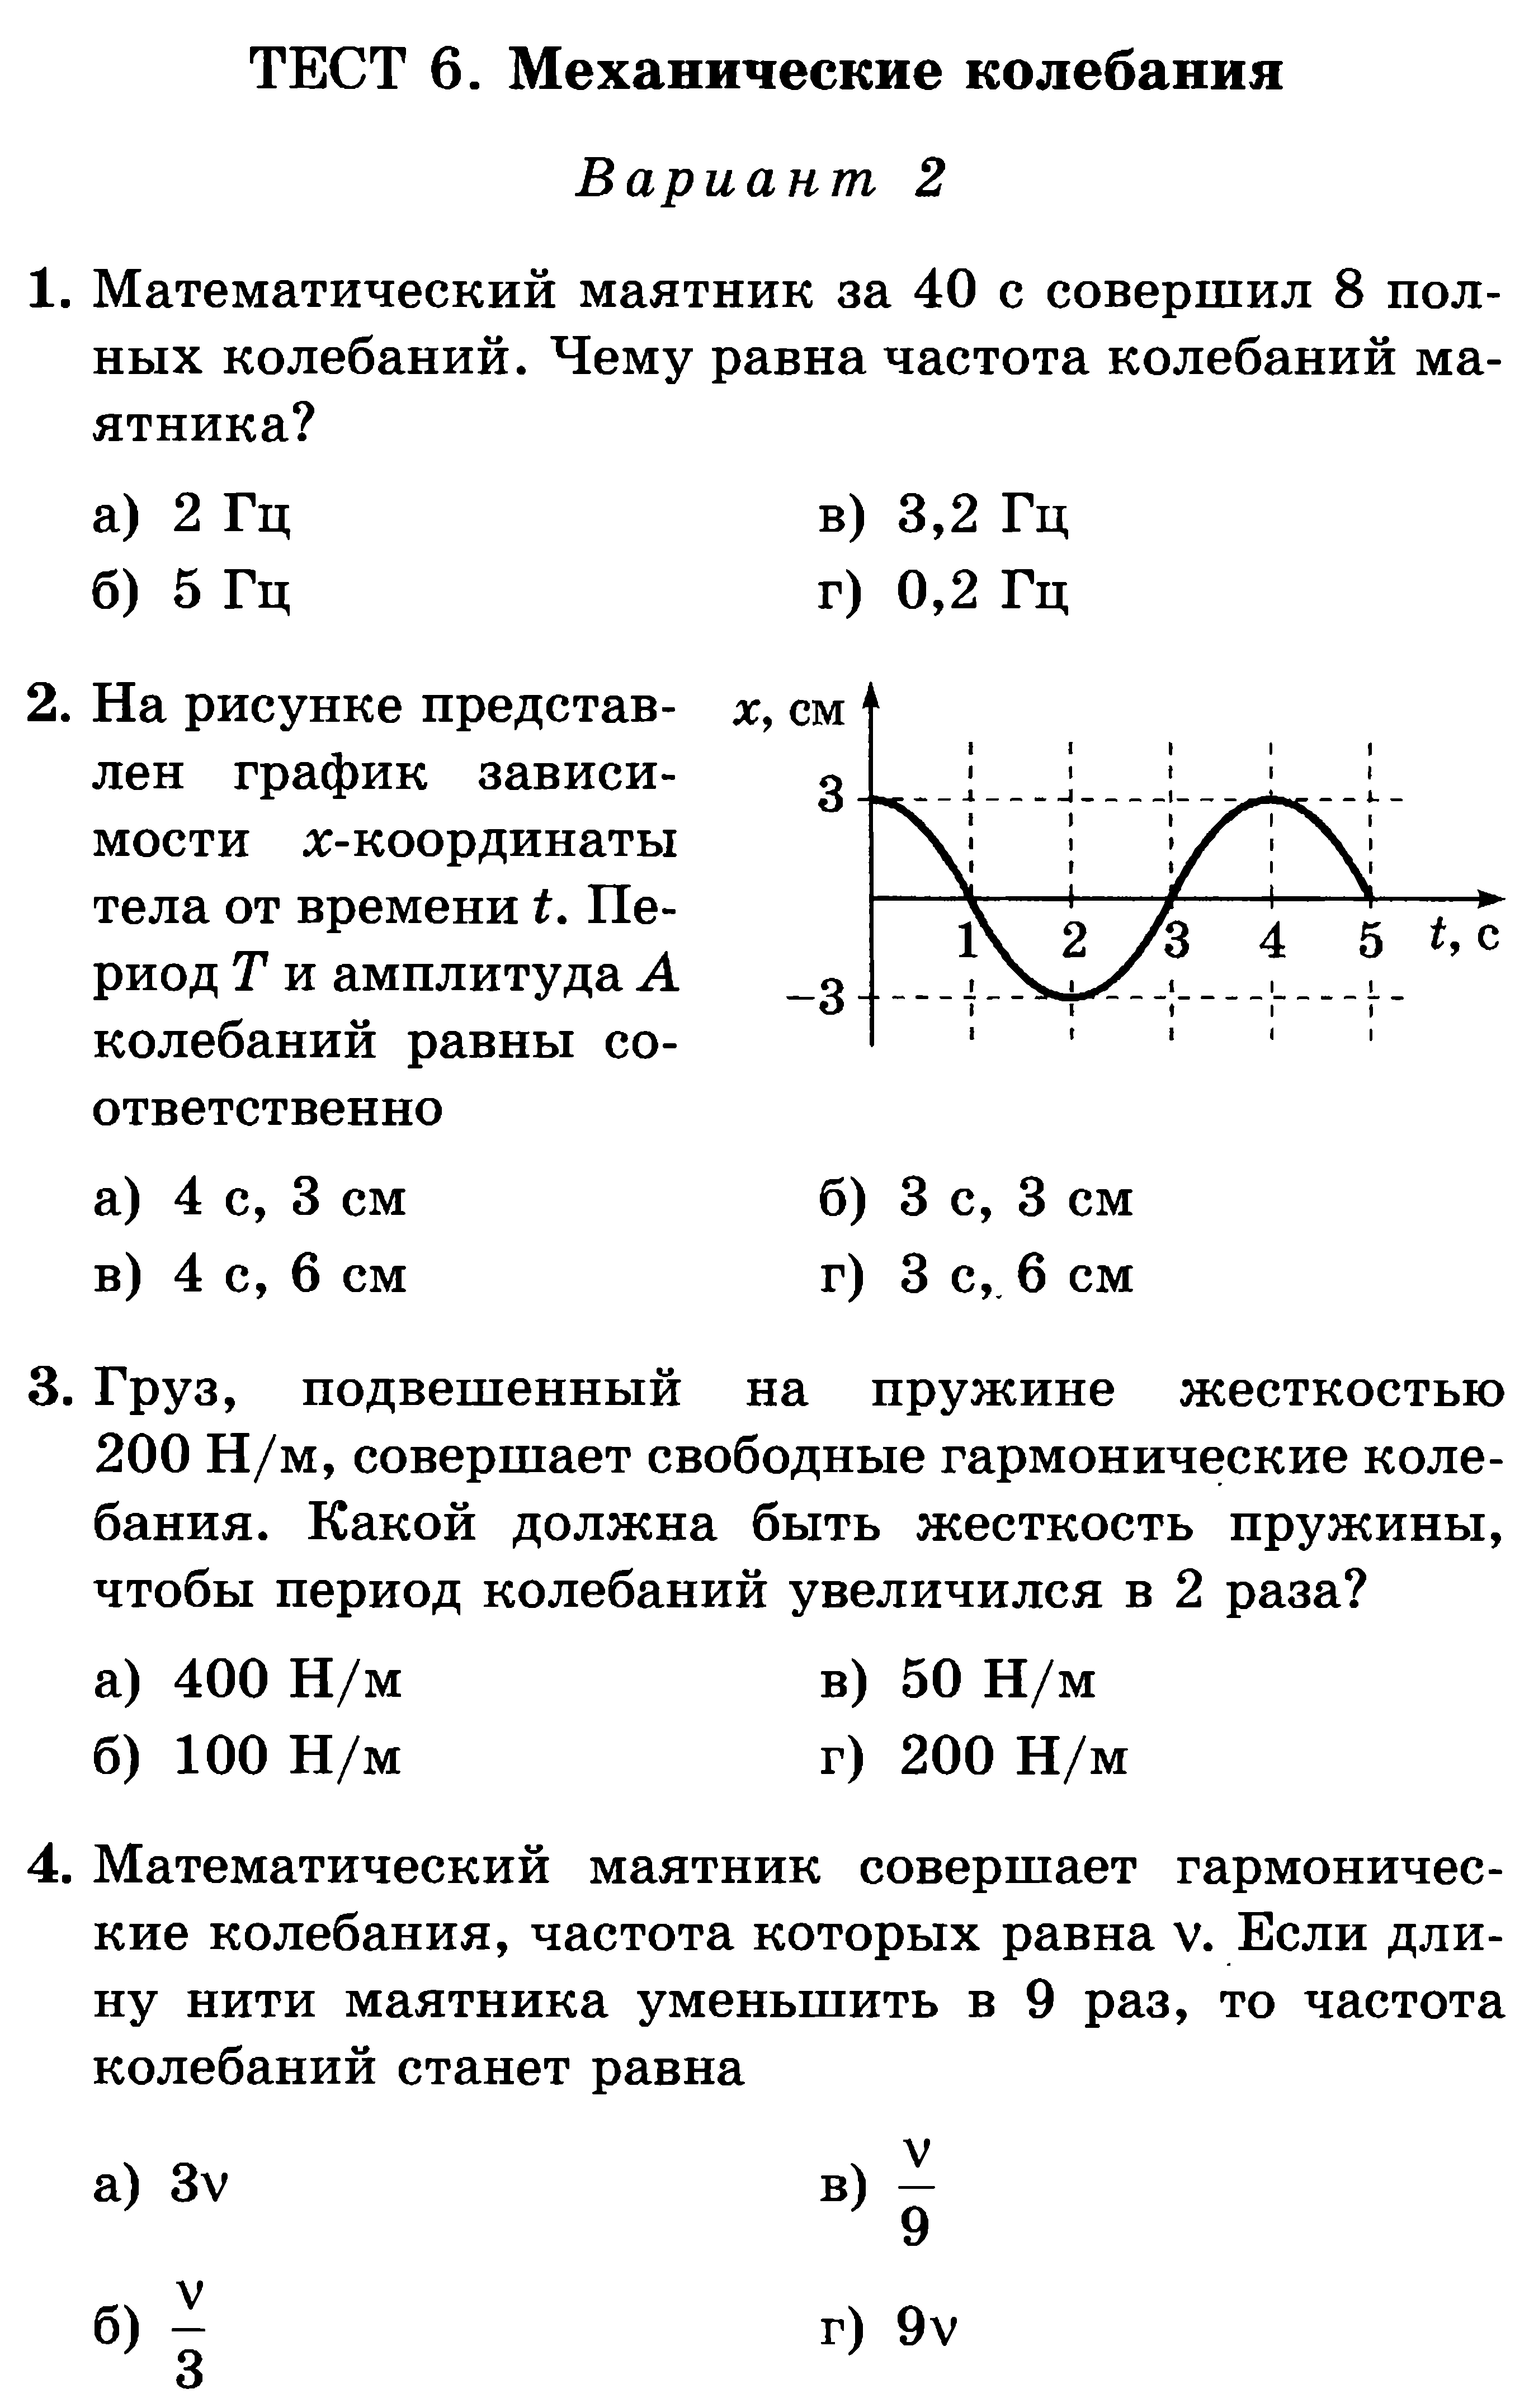 Физика решение задач тесты как правильно решить задачу по геометрии